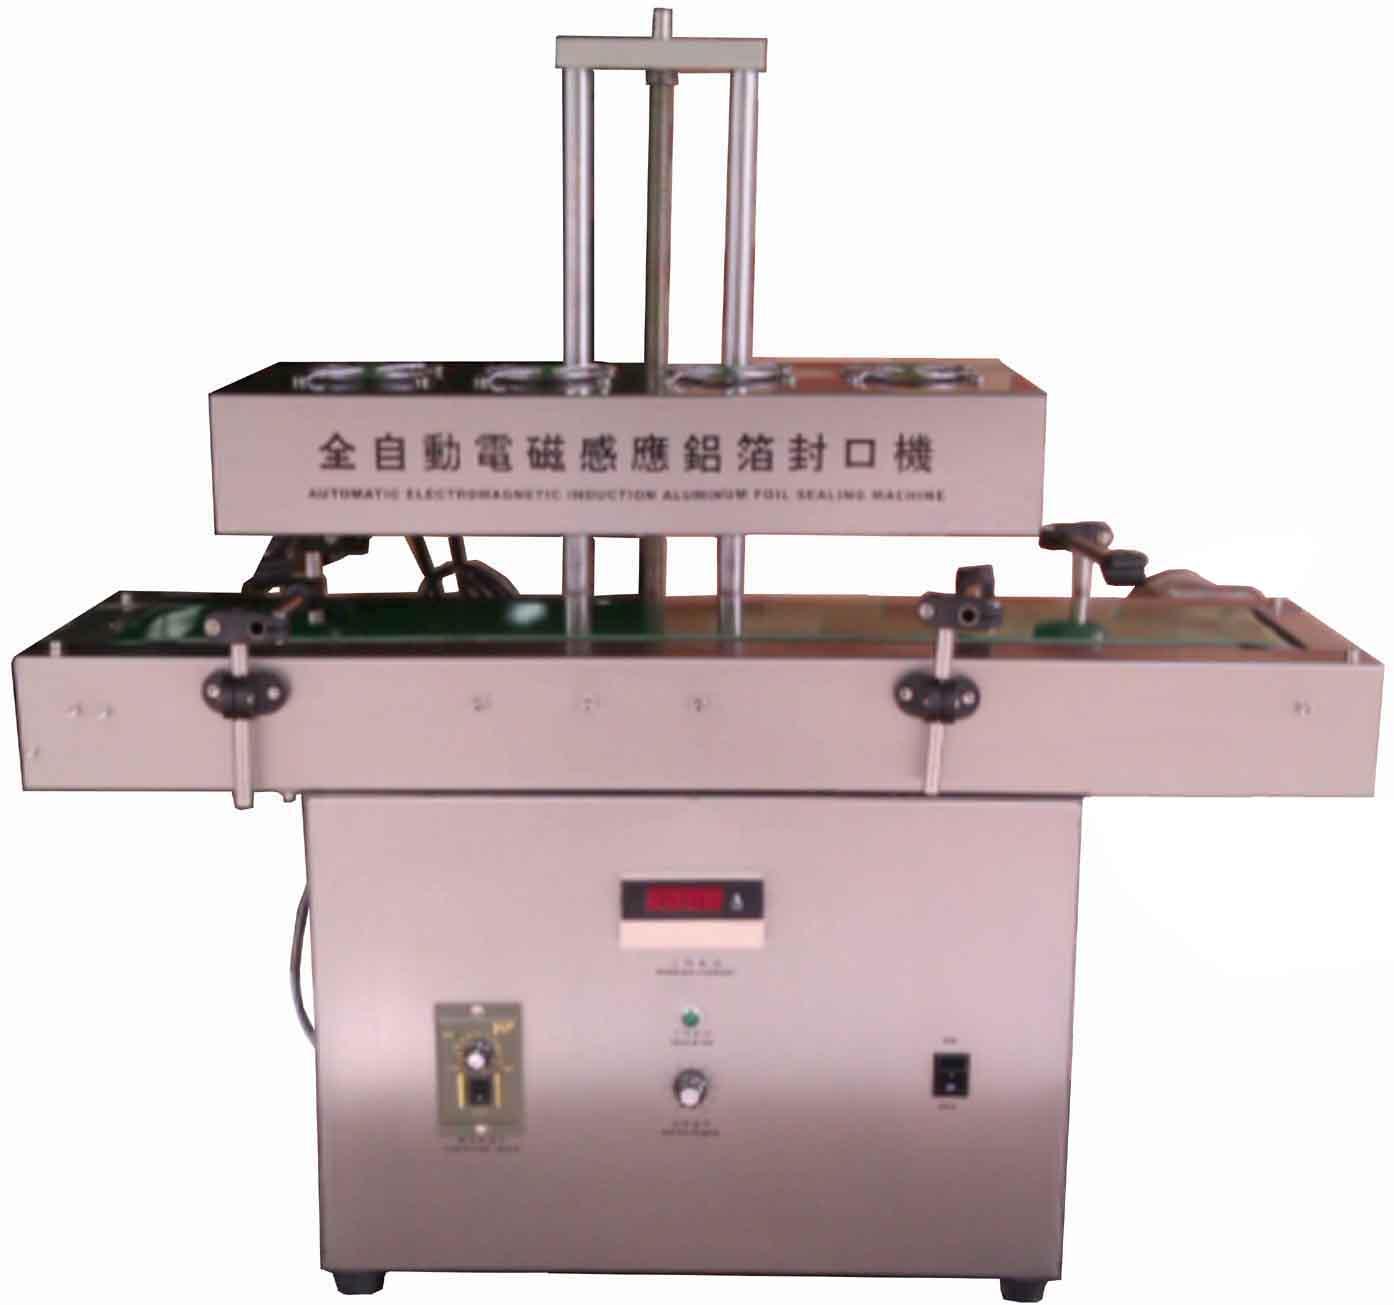 全自动电磁感应铝箔封口机(立式)